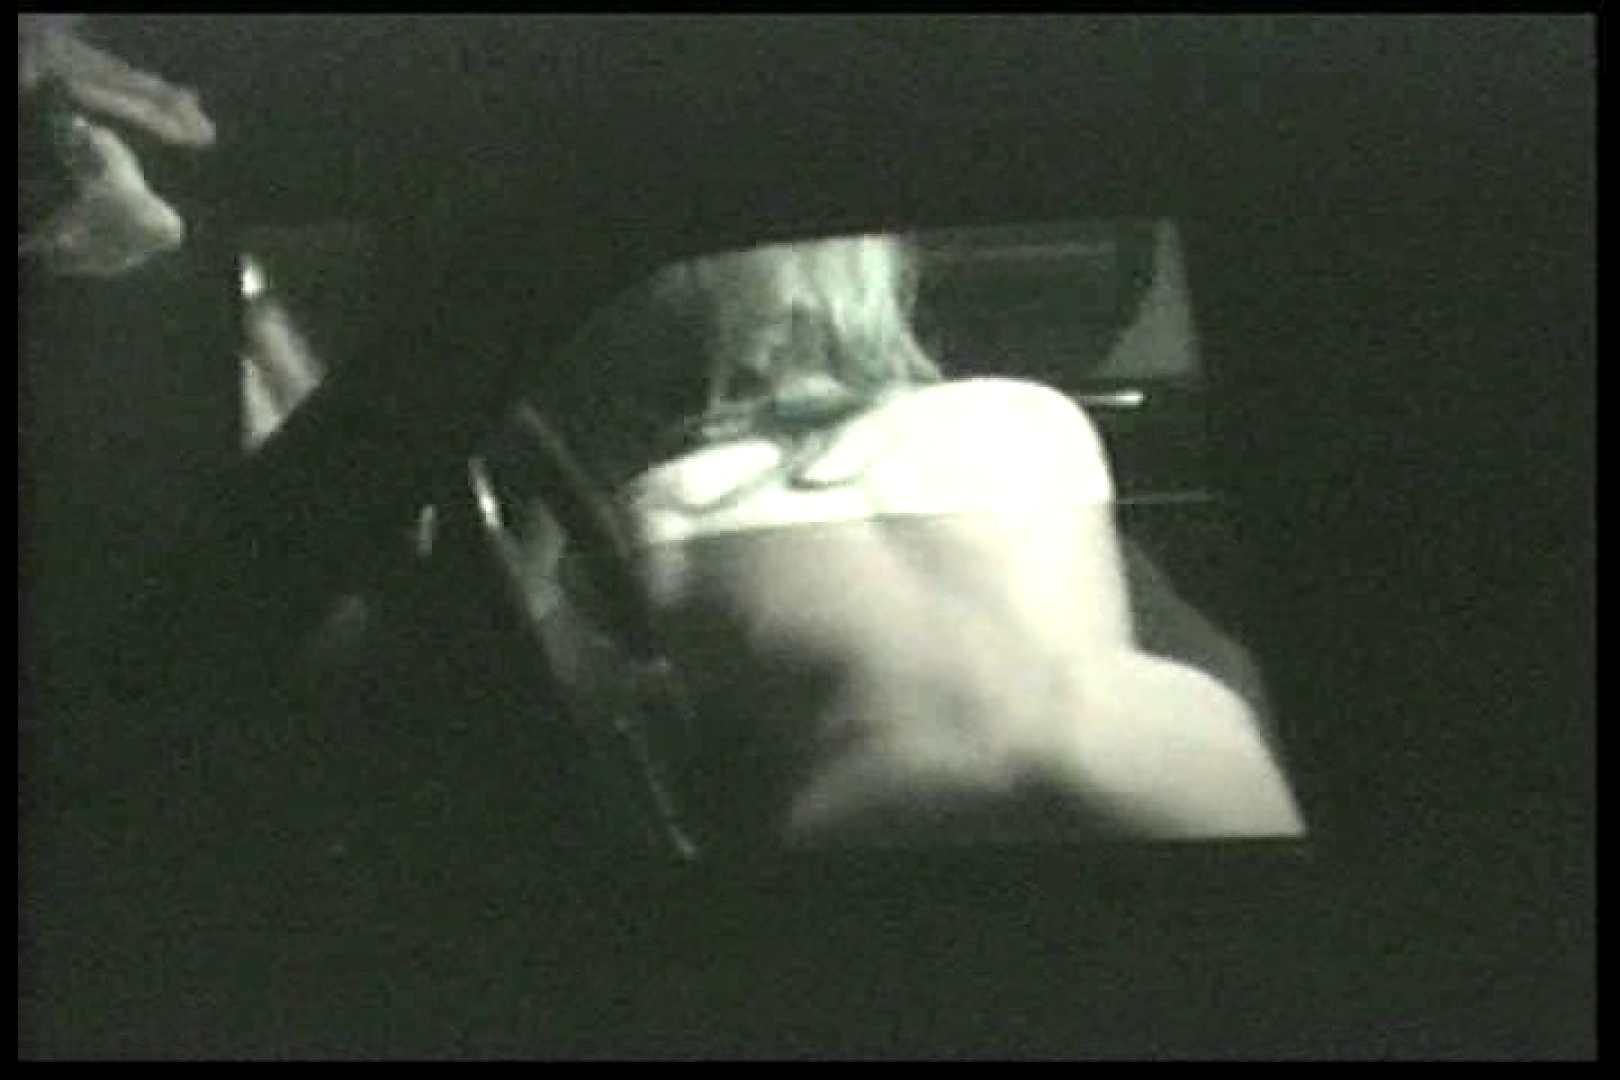 車の中はラブホテル 無修正版  Vol.15 カップル  77pic 77